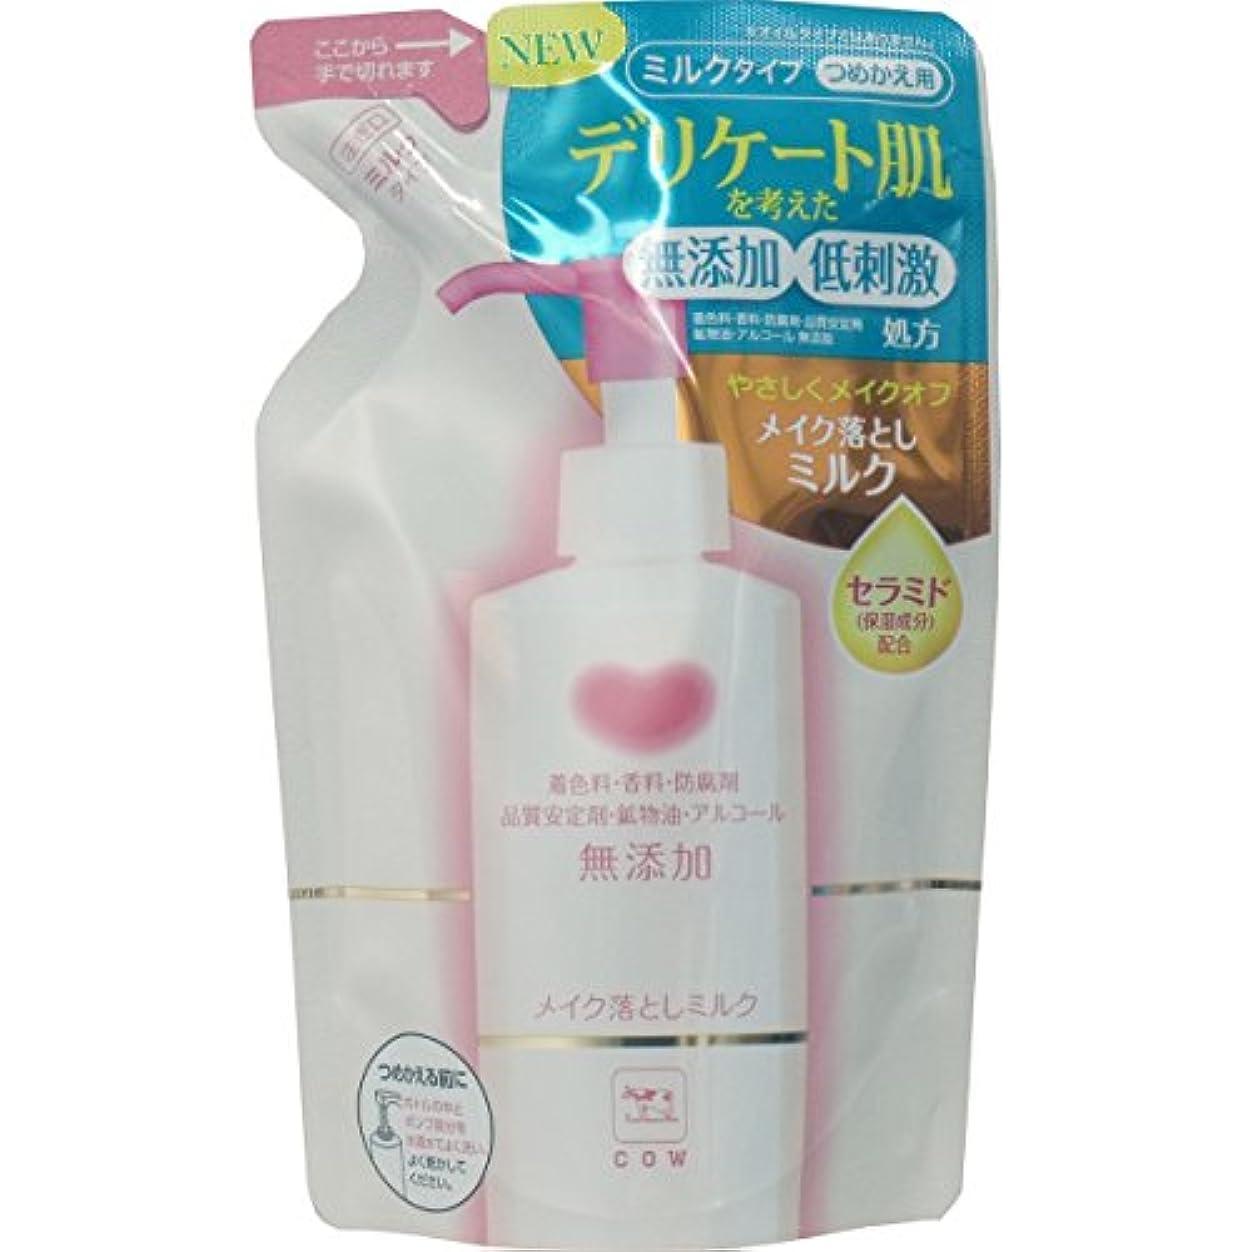 【牛乳石鹸共進社】カウ無添加 メイク落としミルク つめかえ用 130ml ×3個セット